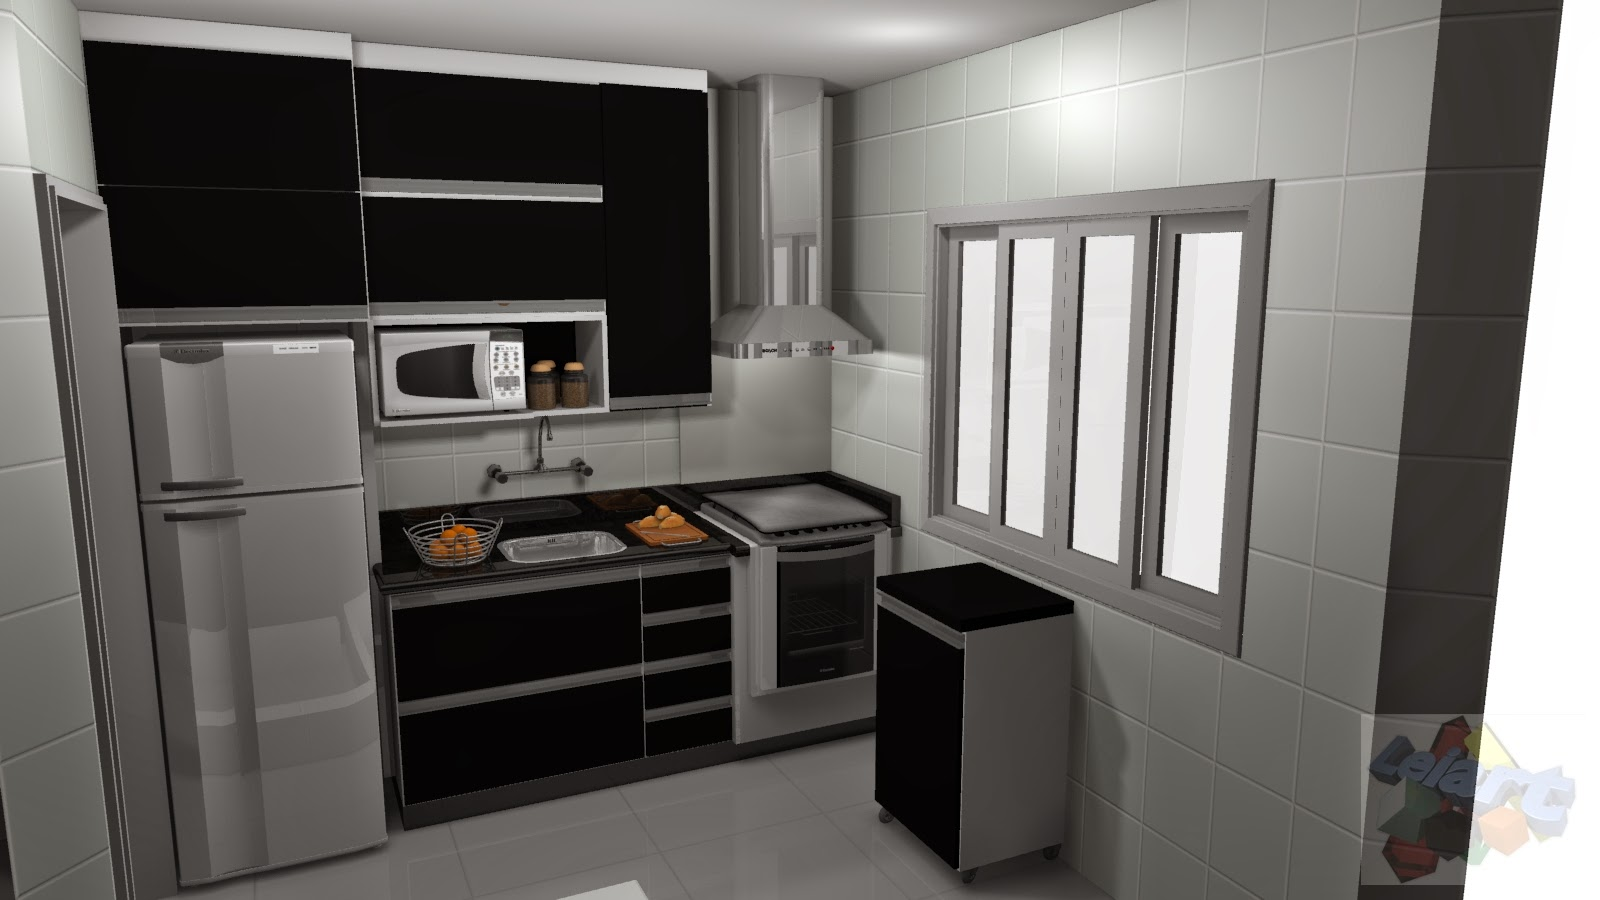 #A86323 NOIVAS PAINEL LACA ARMÁRIOS PROJETOS (11) 3976 8616: COZINHA PEQUENAS  1600x900 px Armario Compacto Para Cozinha Pequena_1211 Imagens